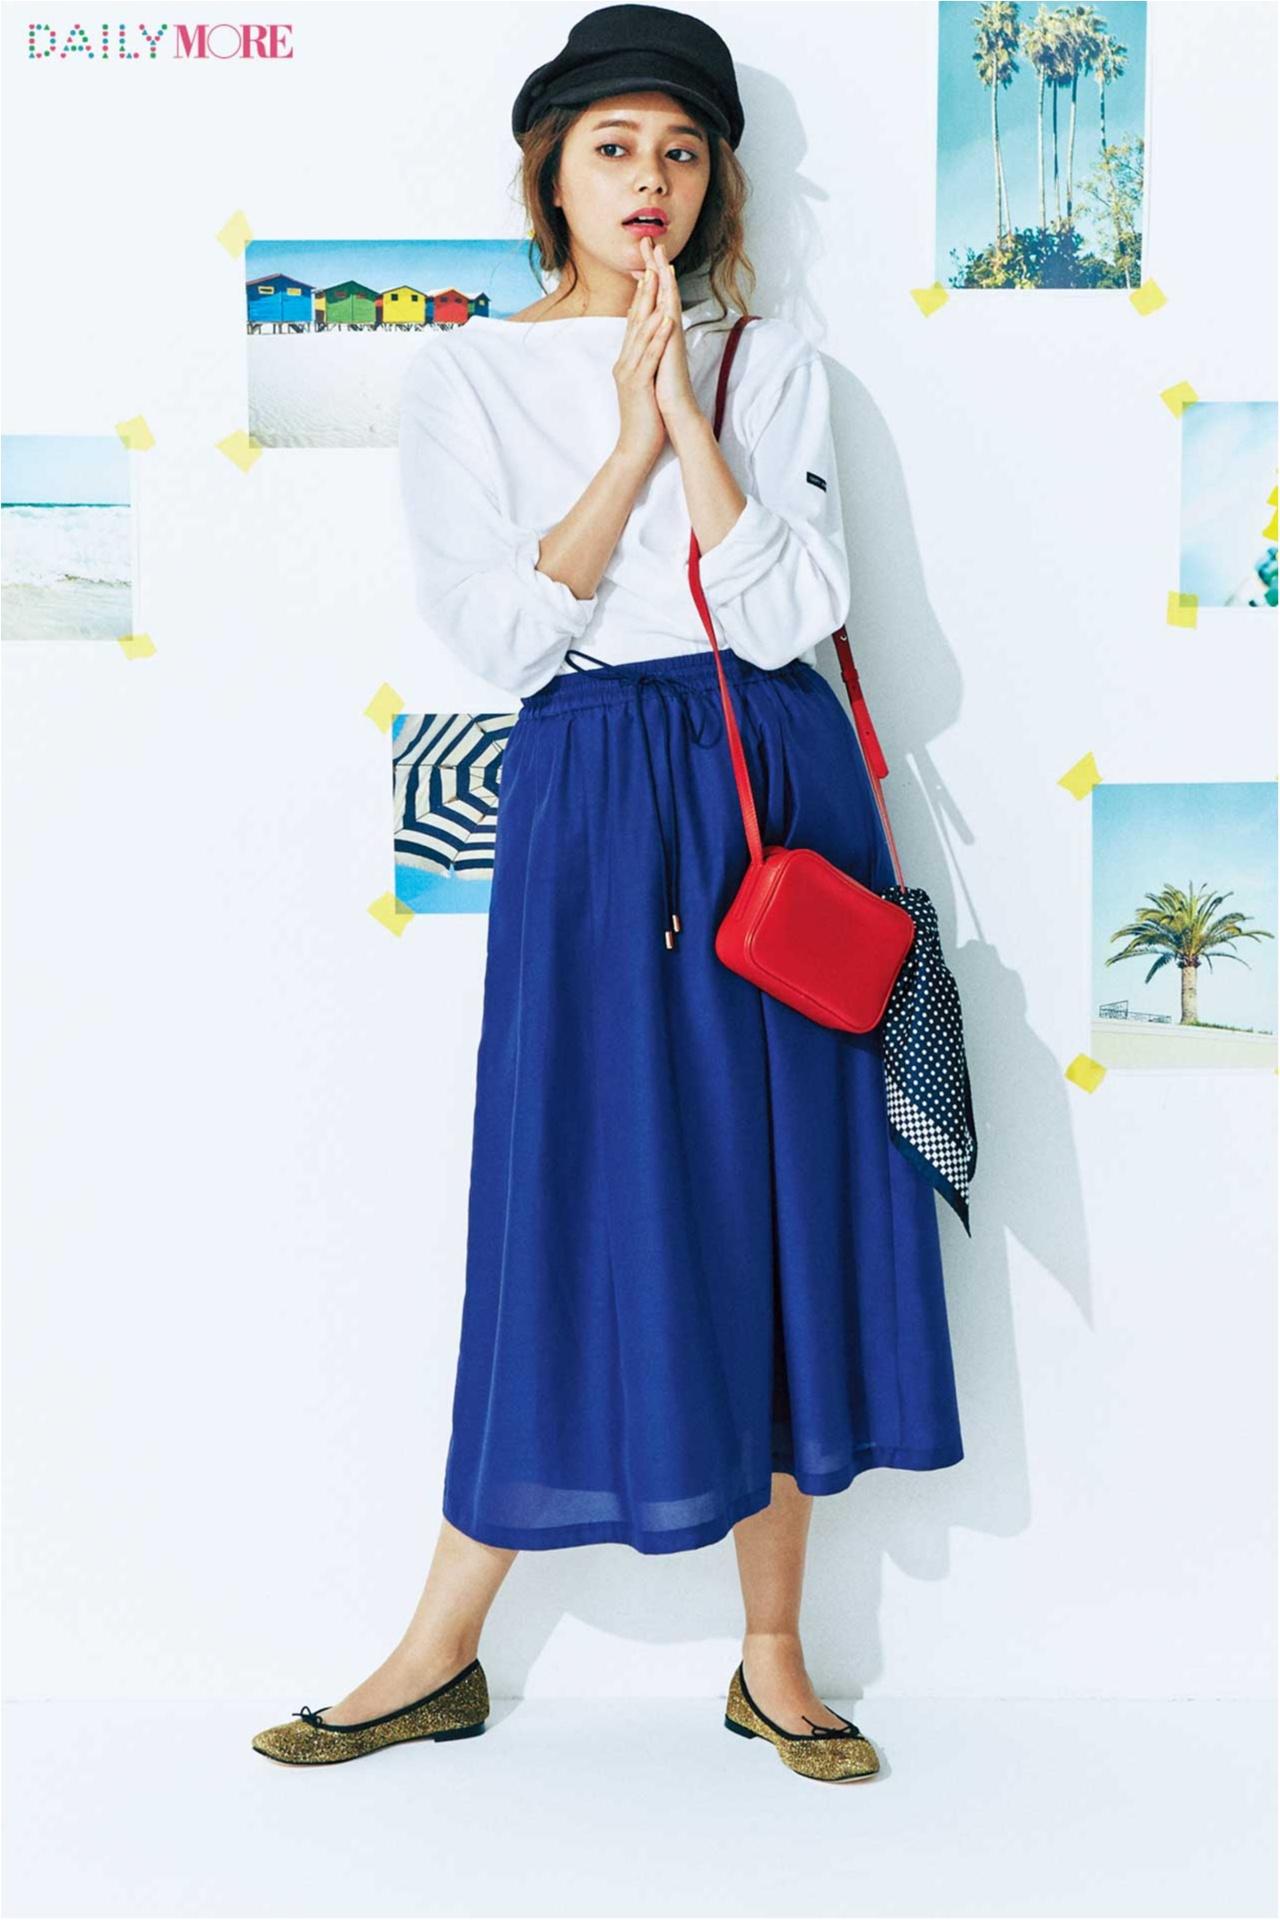 【今日のコーデ/岸本セシル】白×ブルーの着こなしに赤バッグ。夏のフレンチシックは色で遊んで♪_1